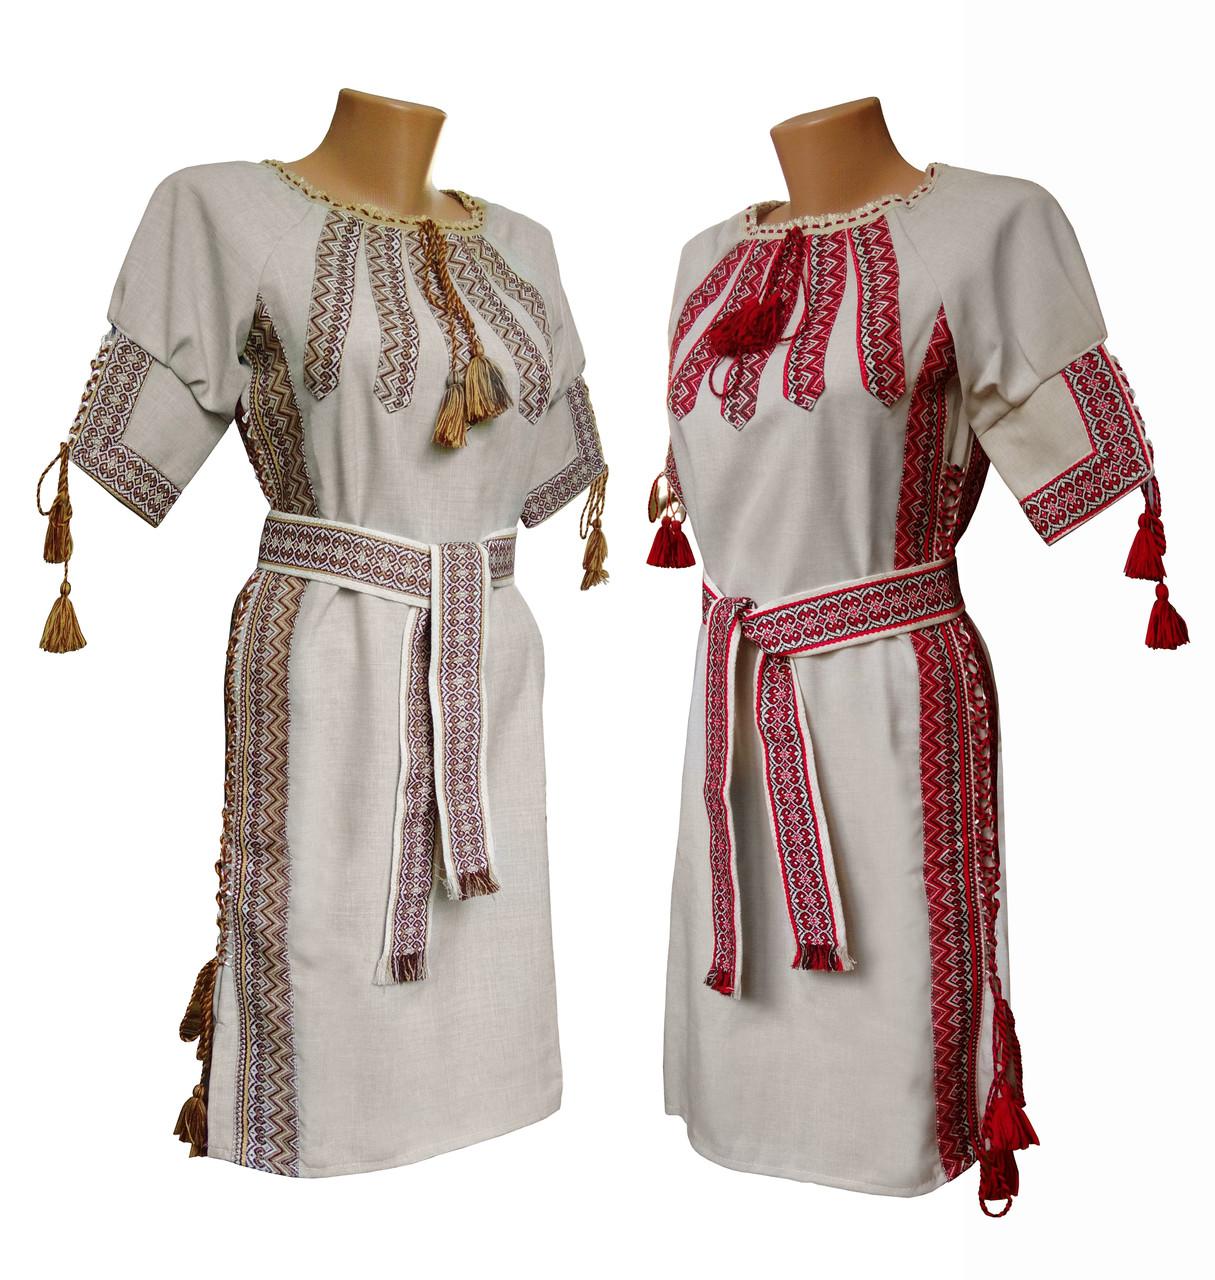 Лляна вишита сукня для підлітка із поясом та геометричним орнаментом